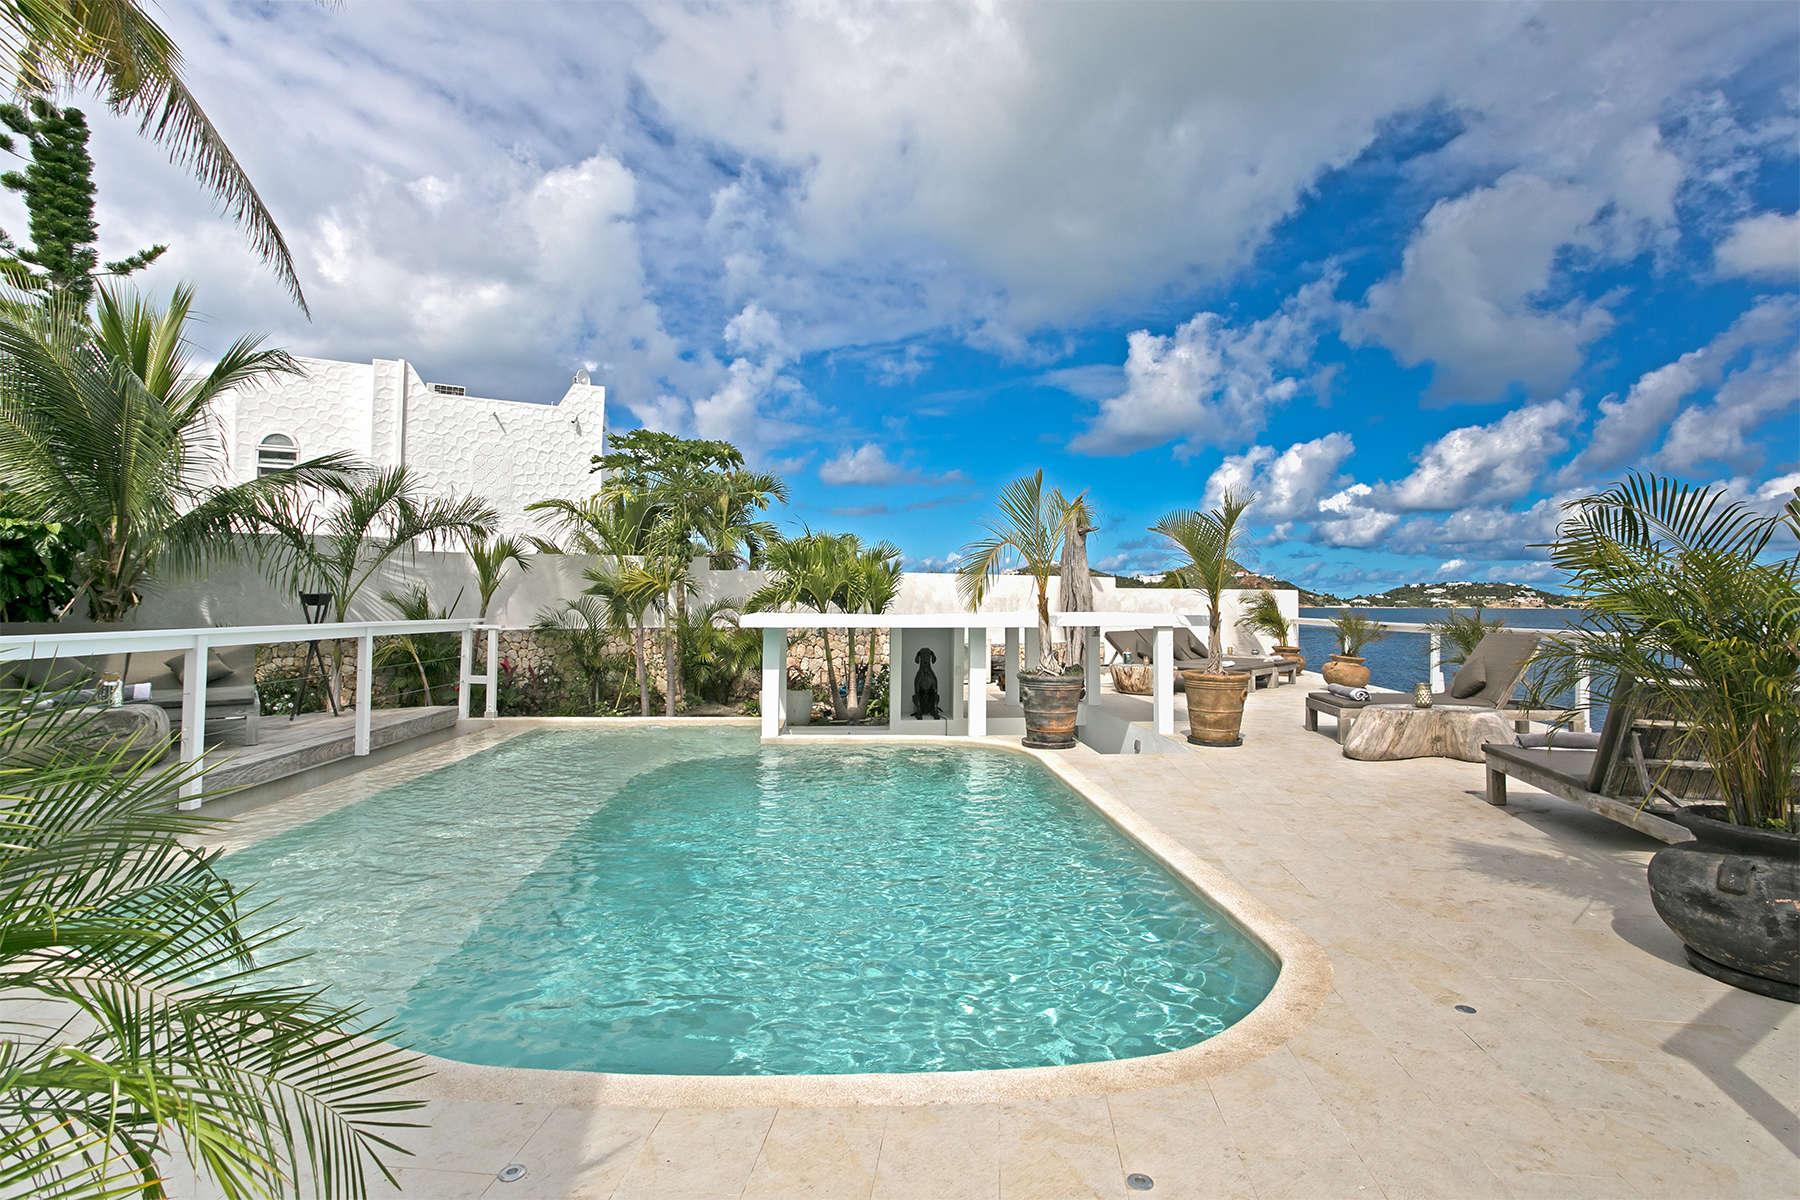 Luxury villa rentals caribbean - St martin - Sint maarten - Simpson bay - Villa Blue Lagoon - Image 1/19